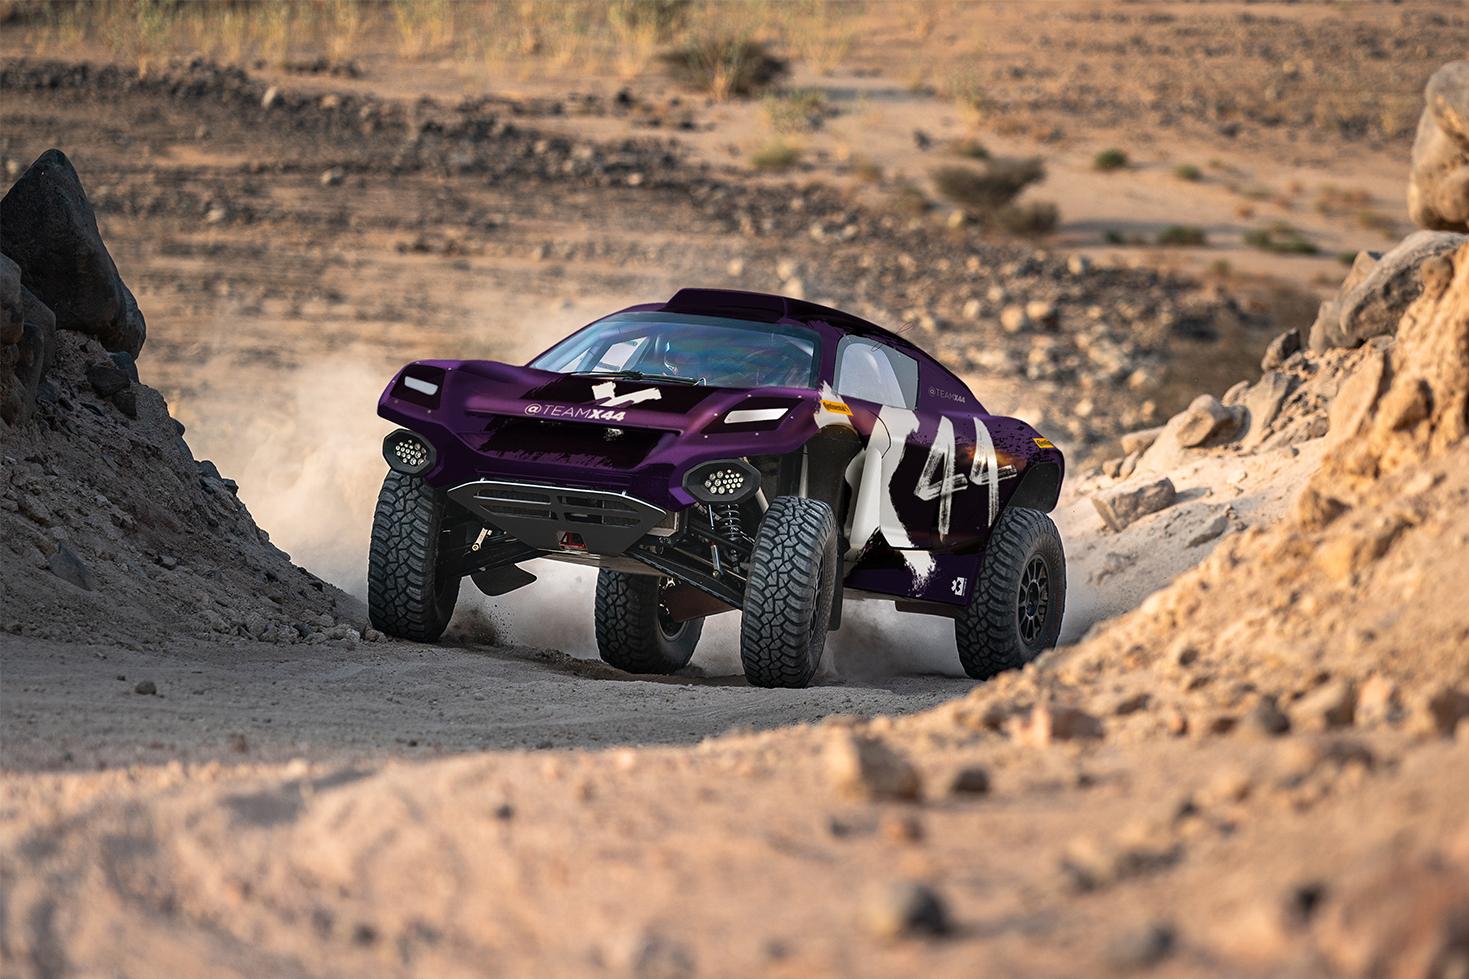 ルイス・ハミルトンのチーム  X44はこの車でエクストリームEに参戦します